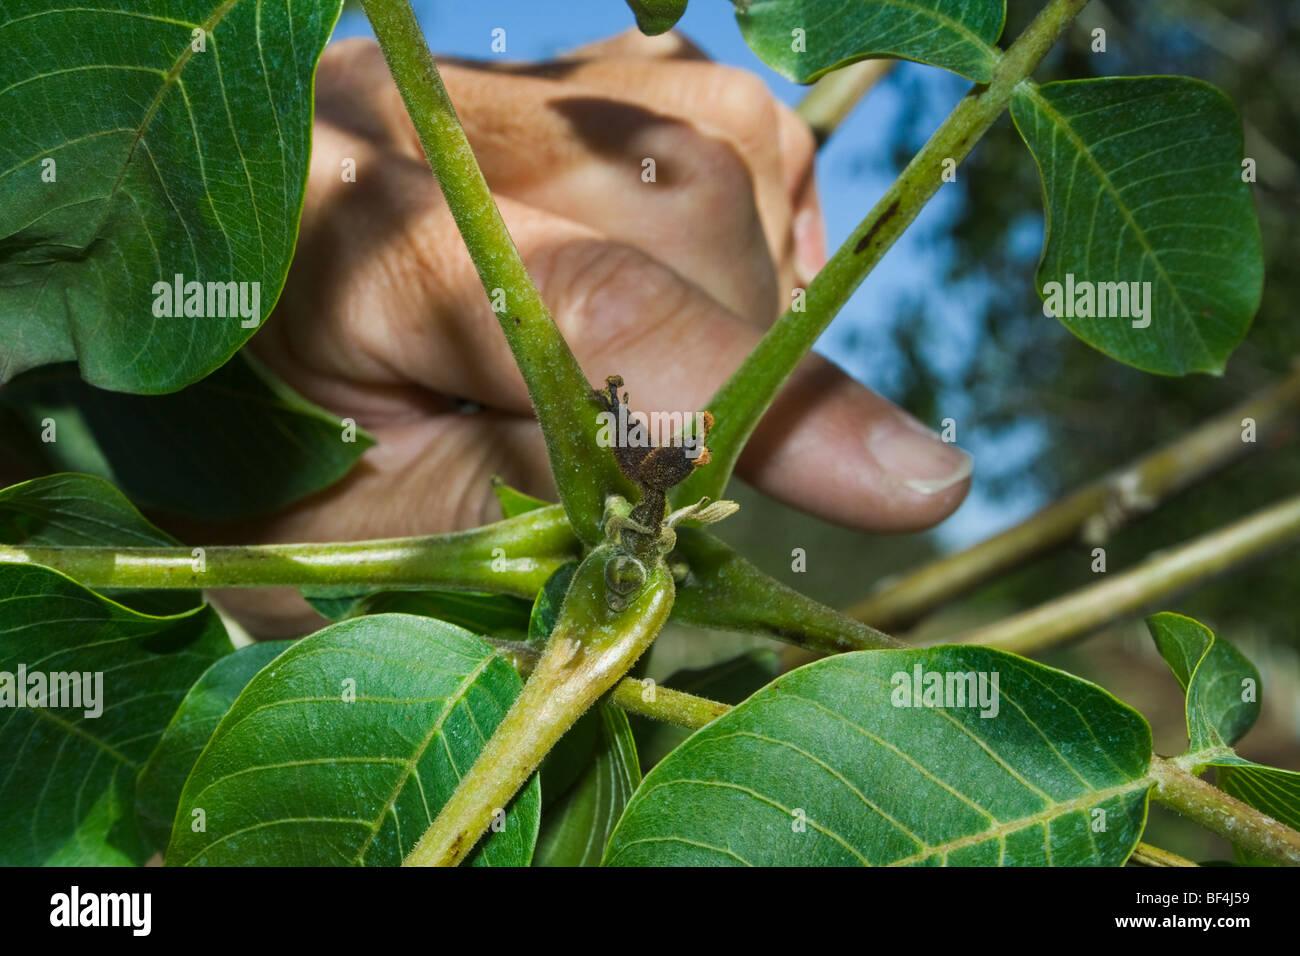 Agriculture - noix immatures morts causés par un gel de printemps inhabituel / près de Dairyville, California, USA. Banque D'Images